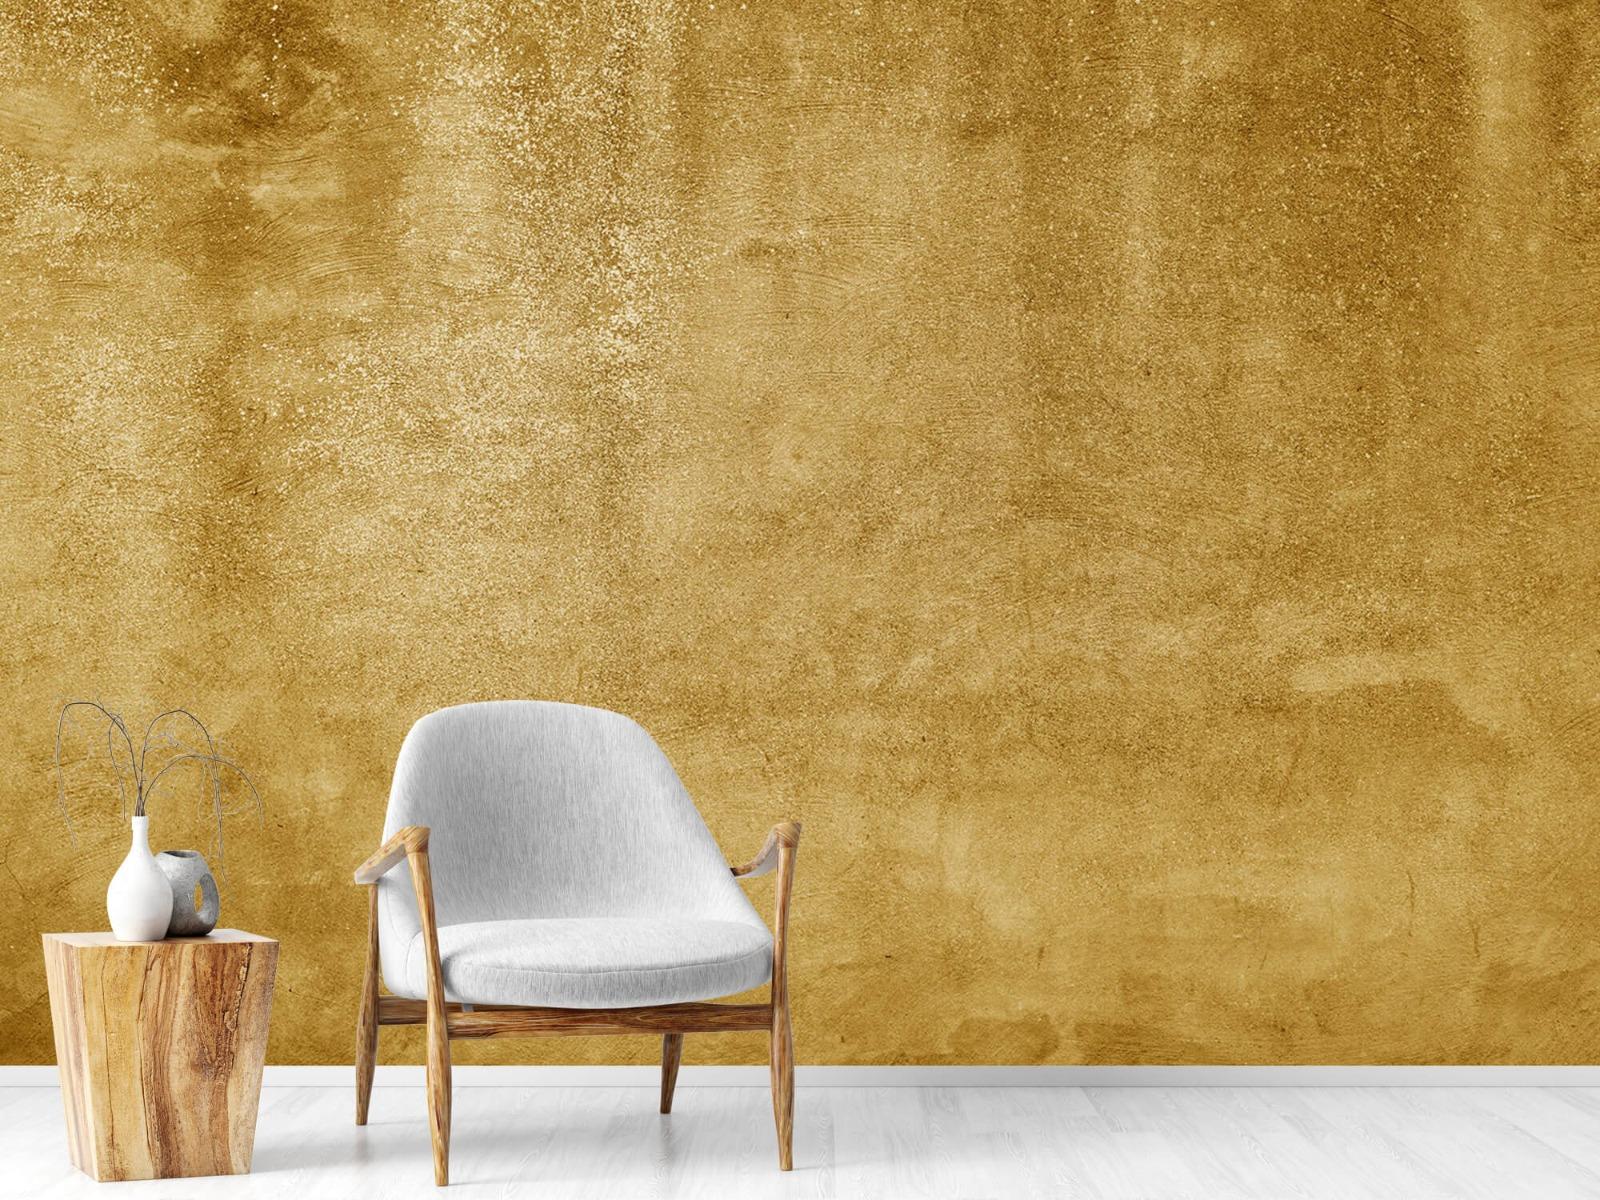 Betonoptik Tapete - Ockerhaltiger gelber Beton auf Fototapete - Wohnzimmer 18